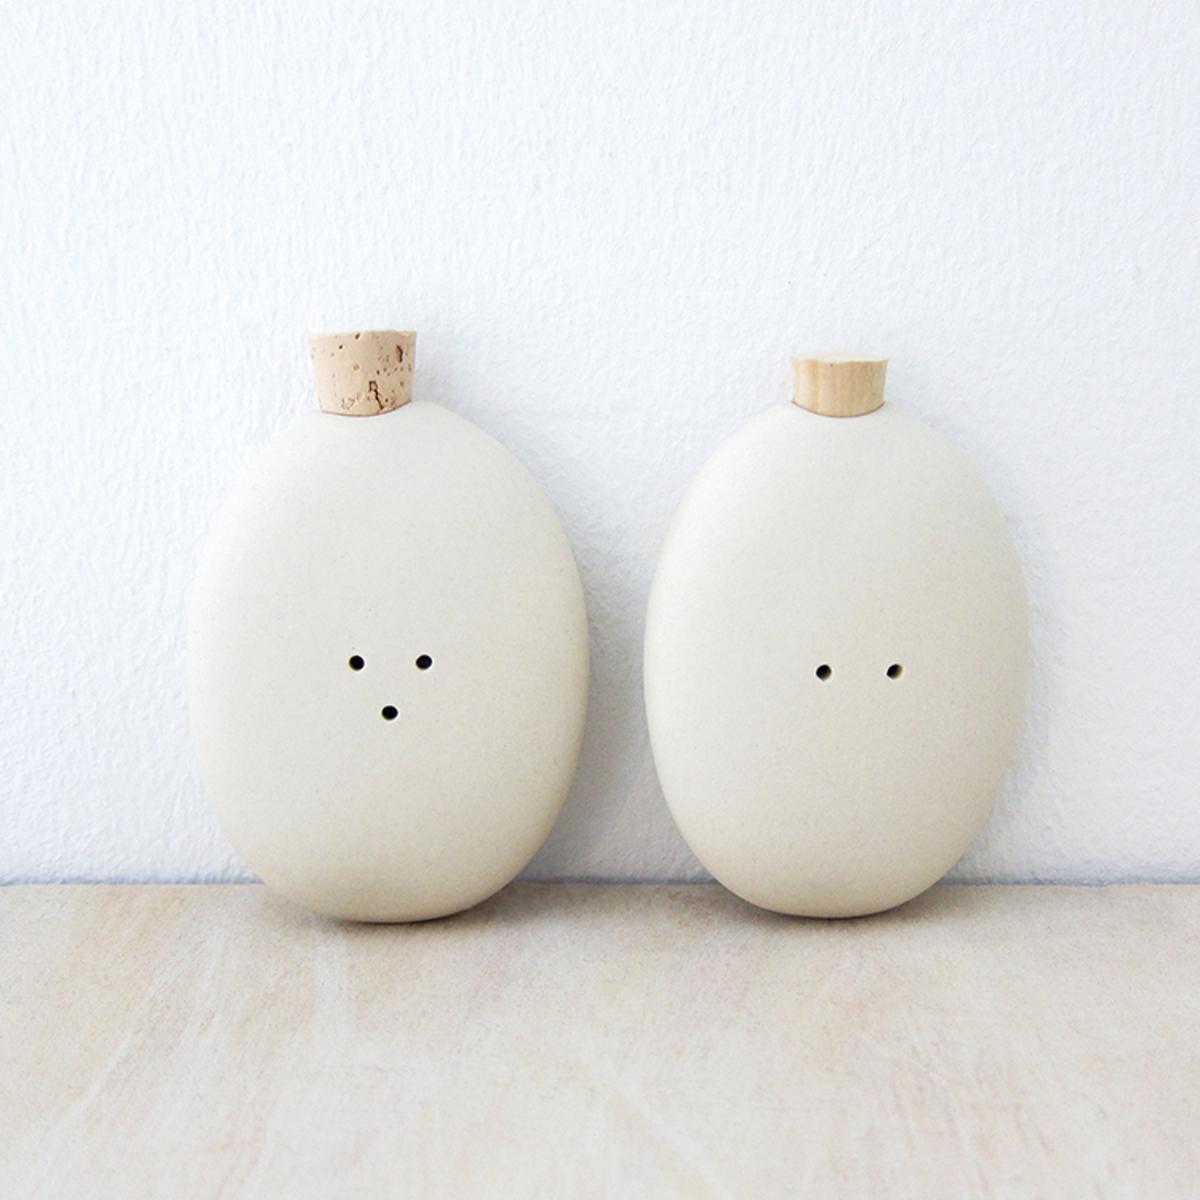 Pigeon Toe Ceramics Pebble Salt Pepper Shakers Natural